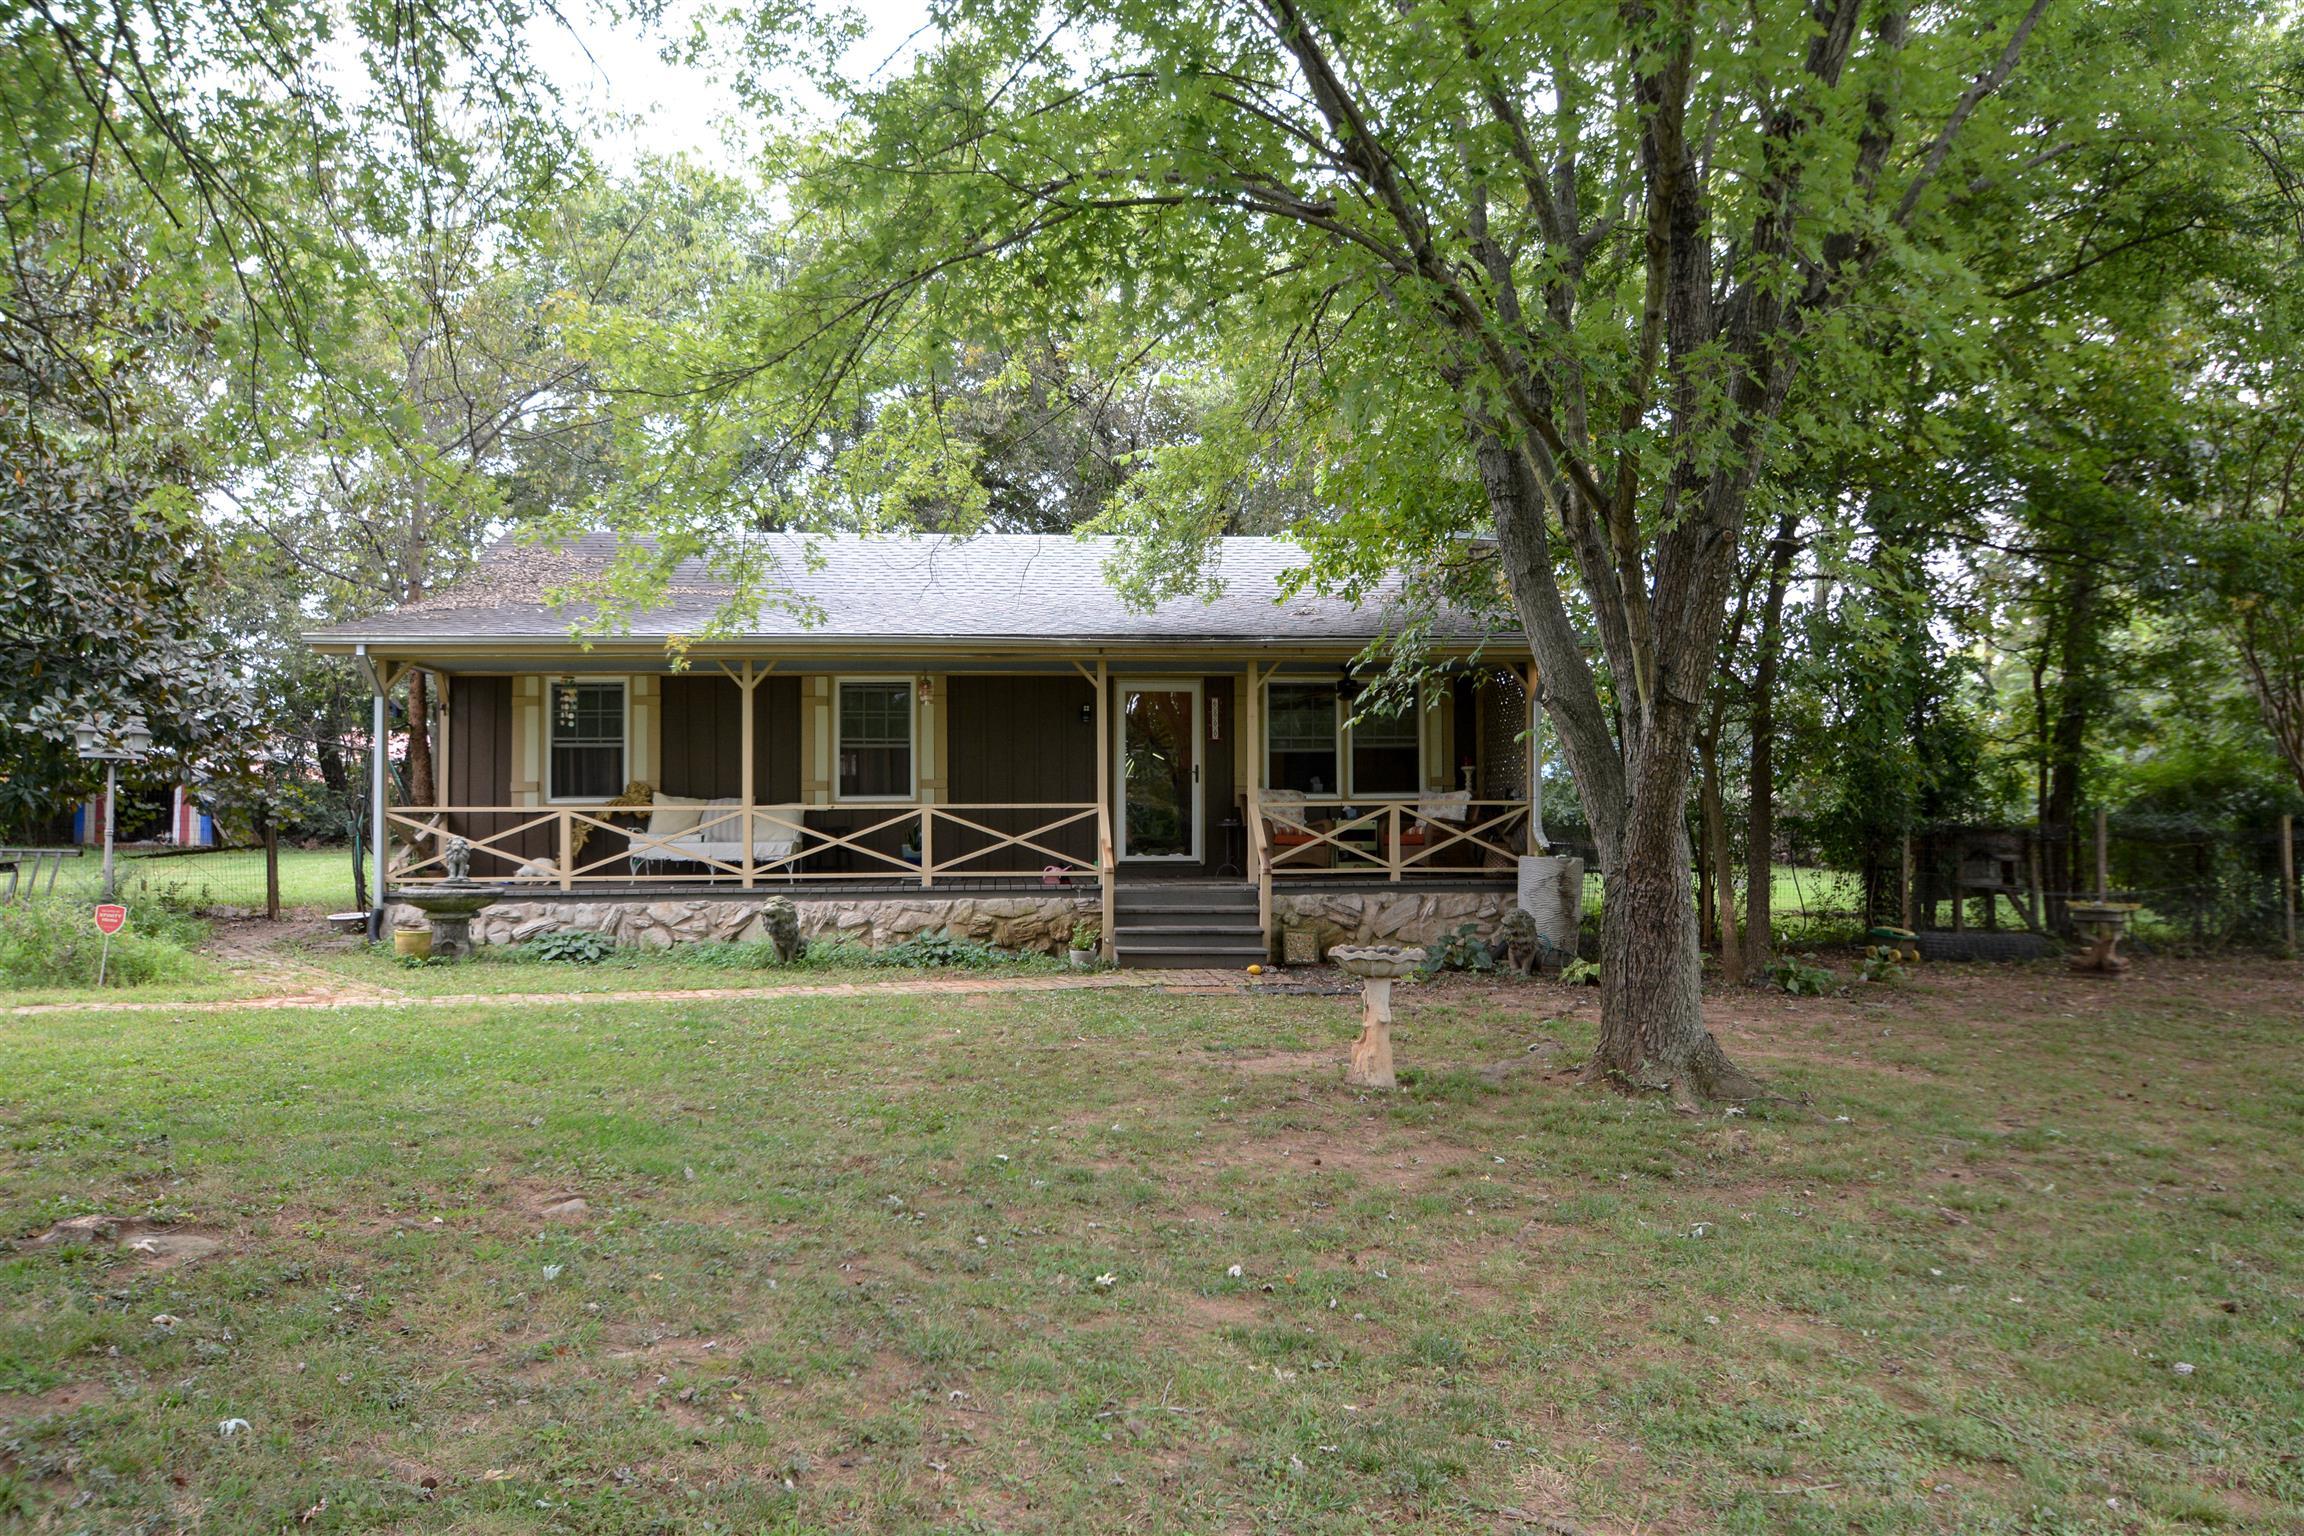 Ranch Homes For Sale In Murfreesboro Real Estate In Murfreesboro